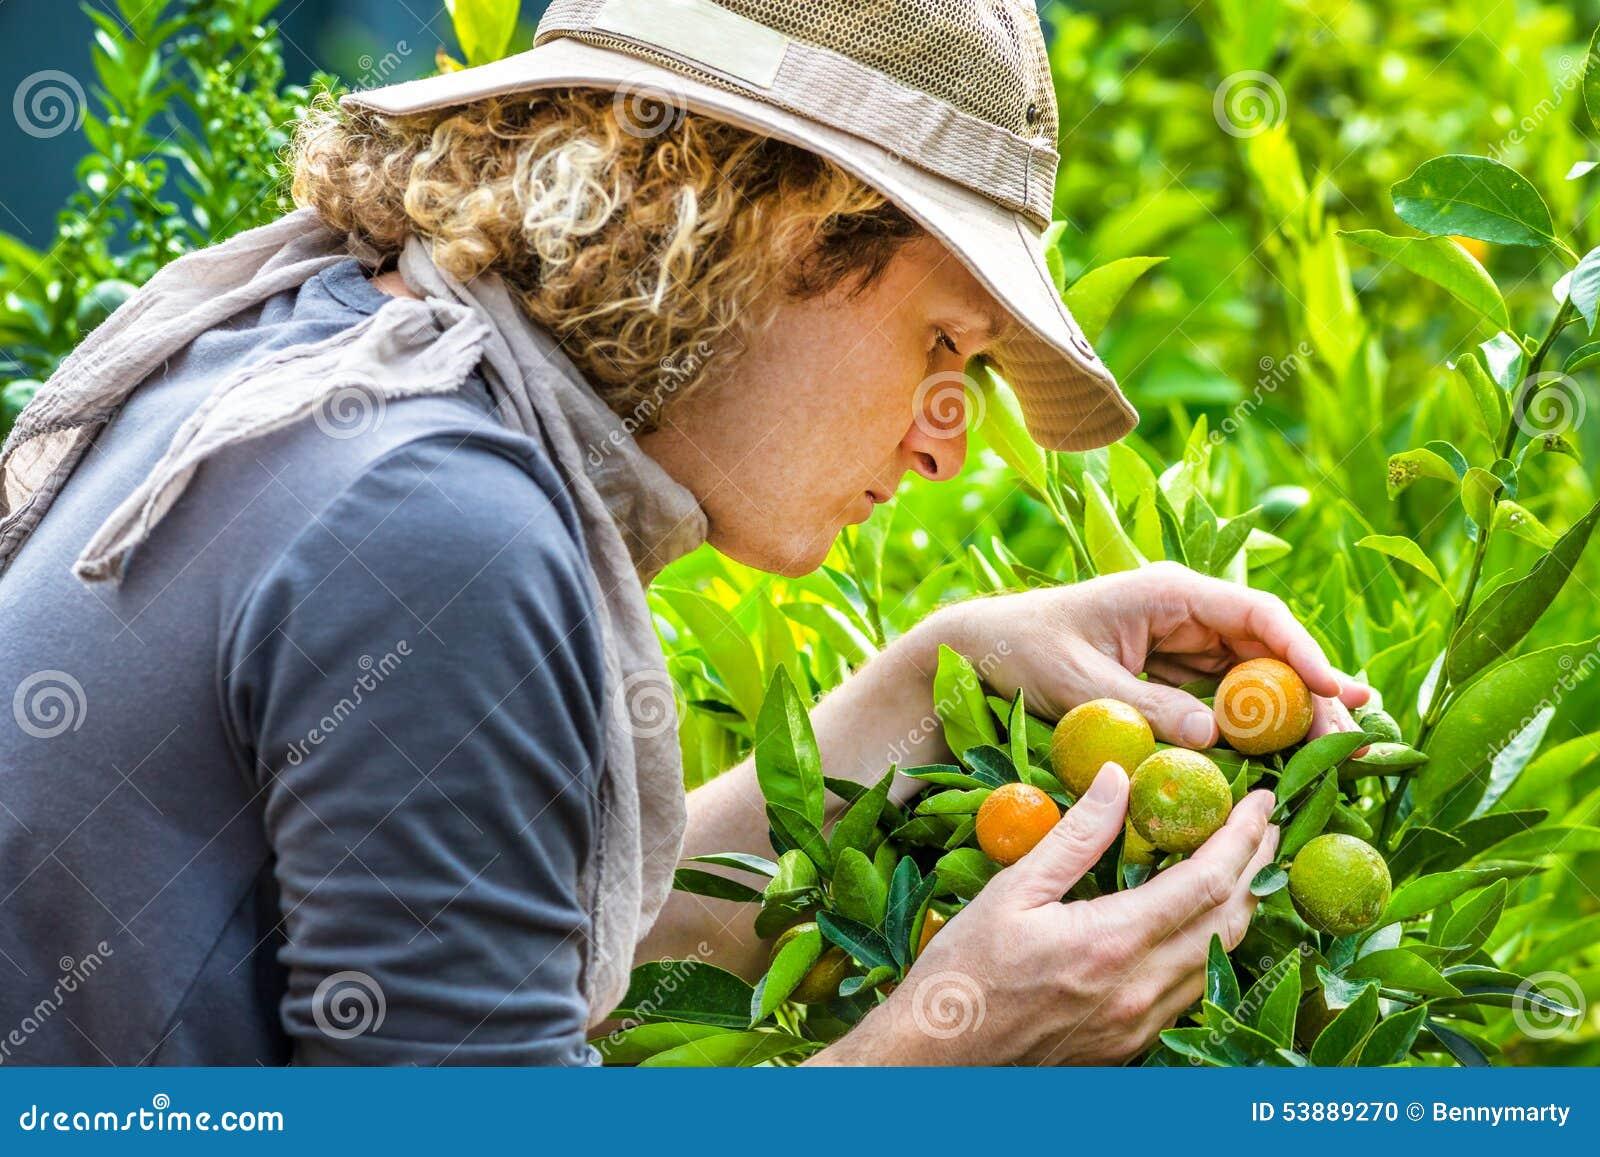 检查蜜桔的农夫